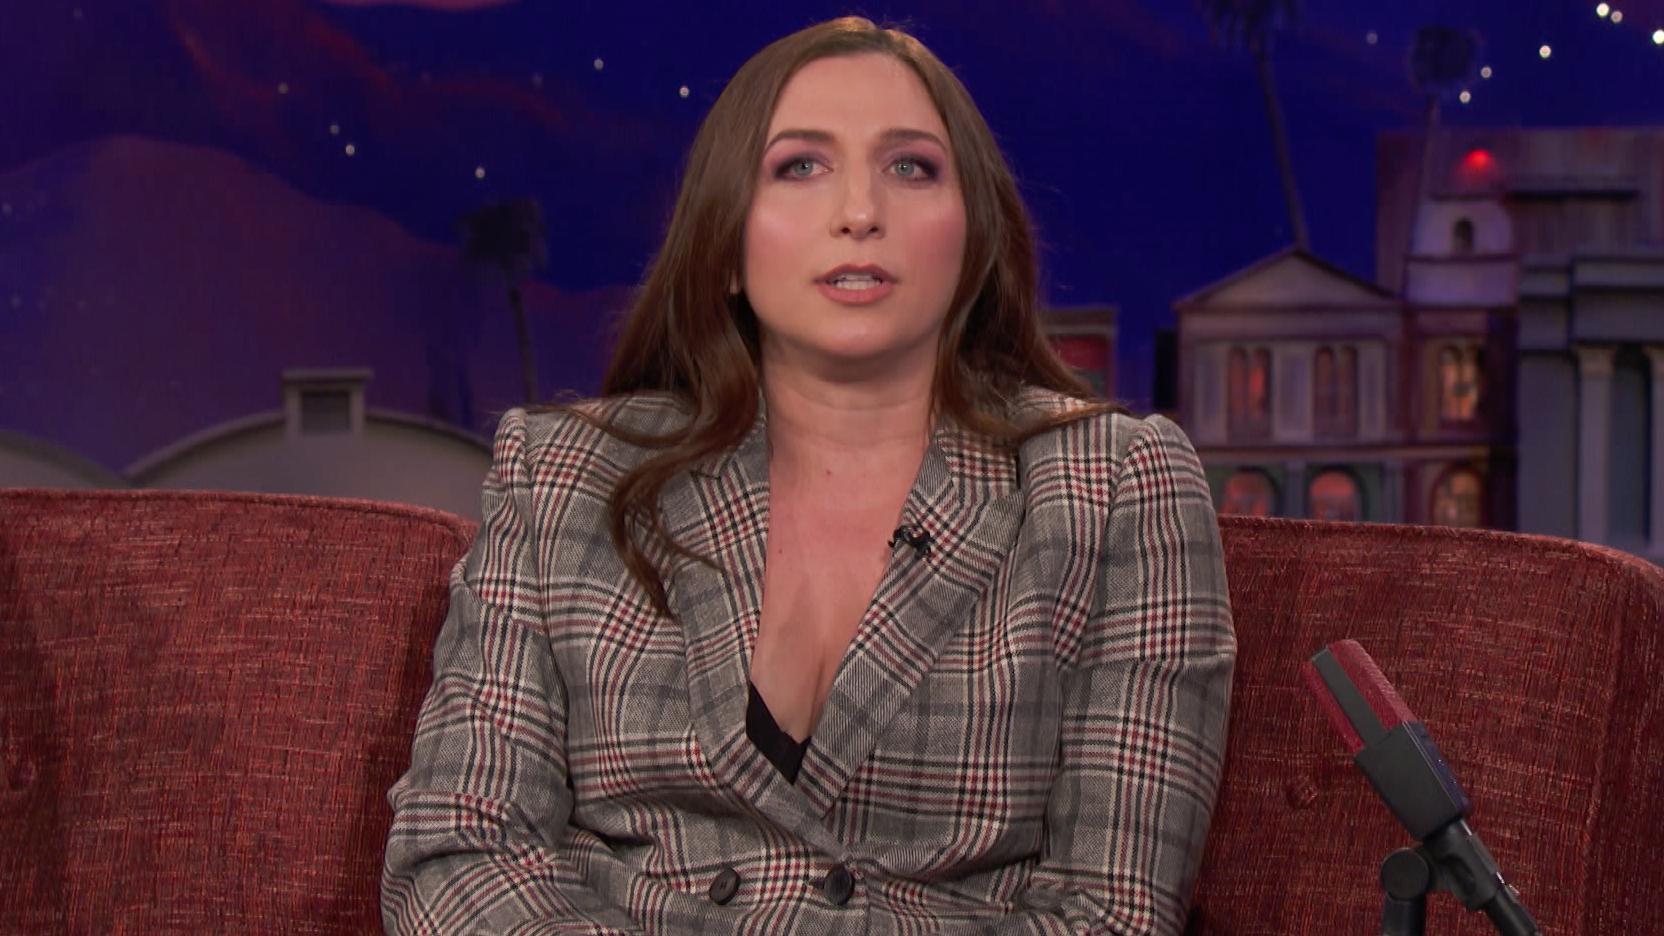 Chelsea Peretti in Conan (2010)